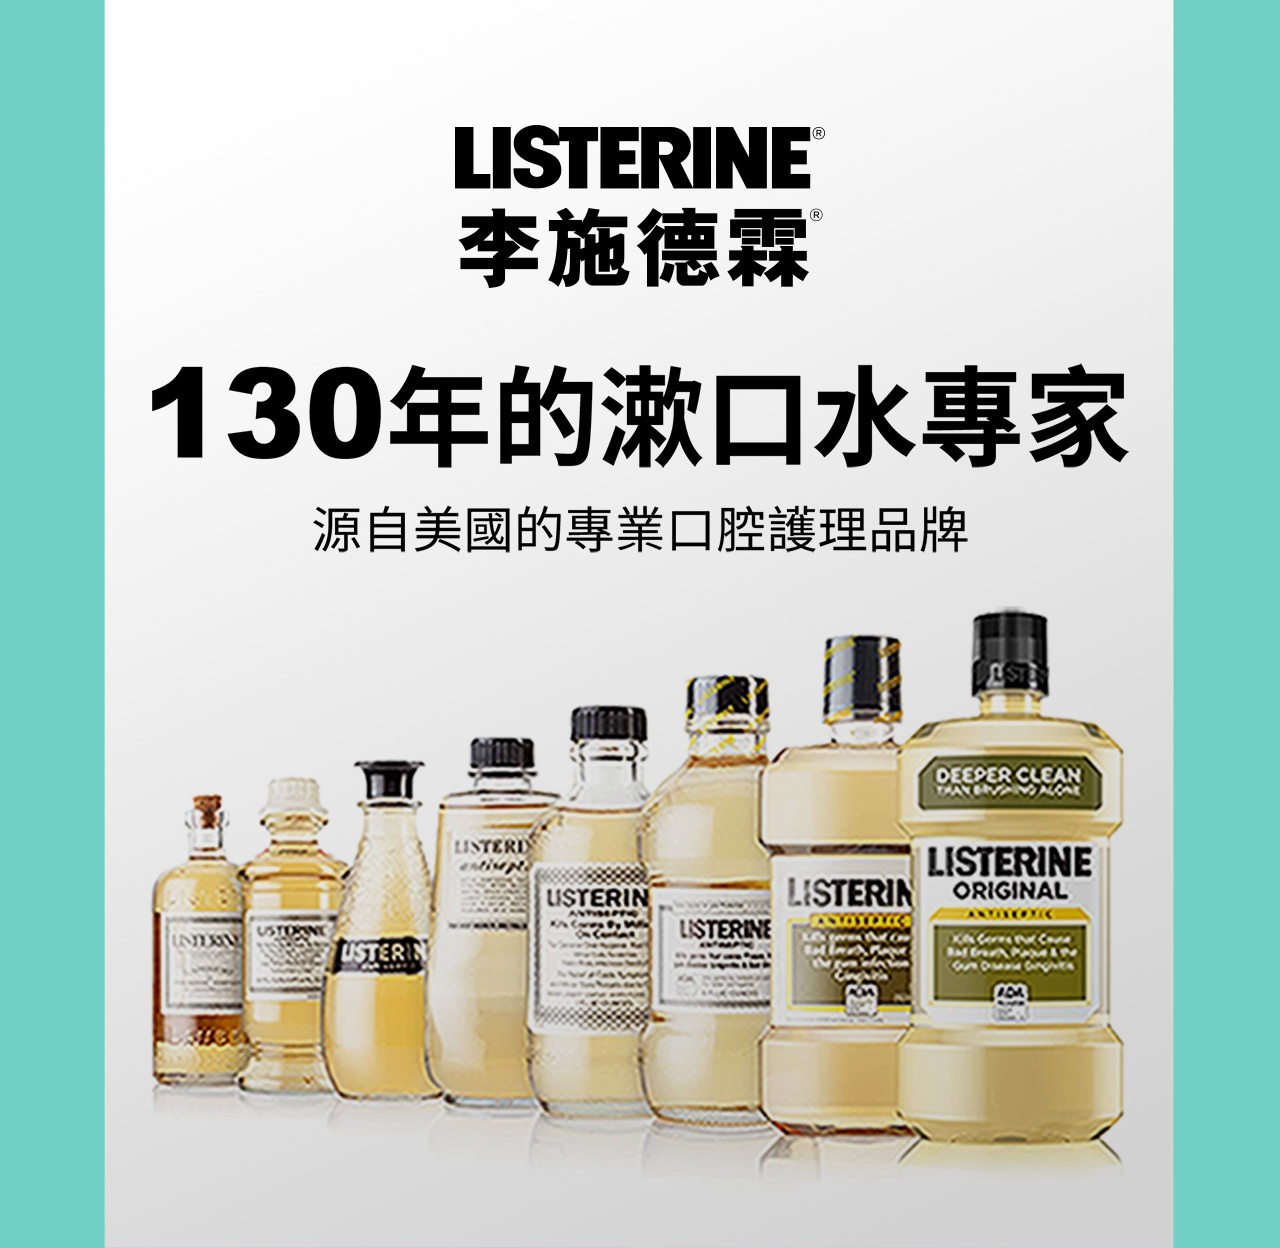 130年的漱口水專家 源自美國的專業口腔護理品牌